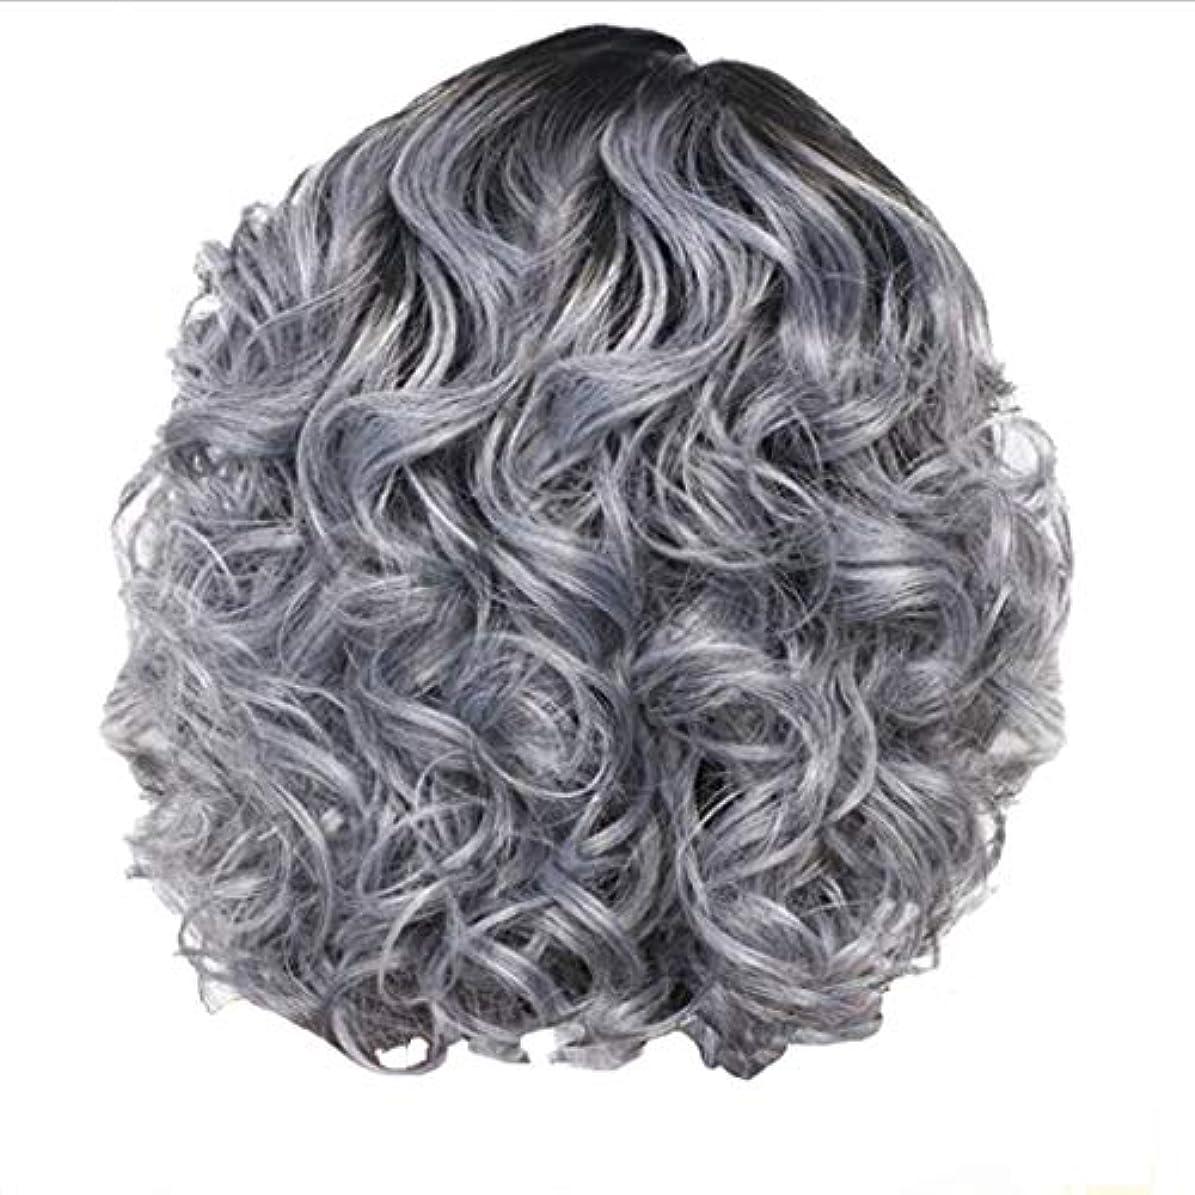 ジーンズアーティファクト物理的にかつら女性の短い巻き毛シルバーグレーレトロ巻き毛ネット30 cm